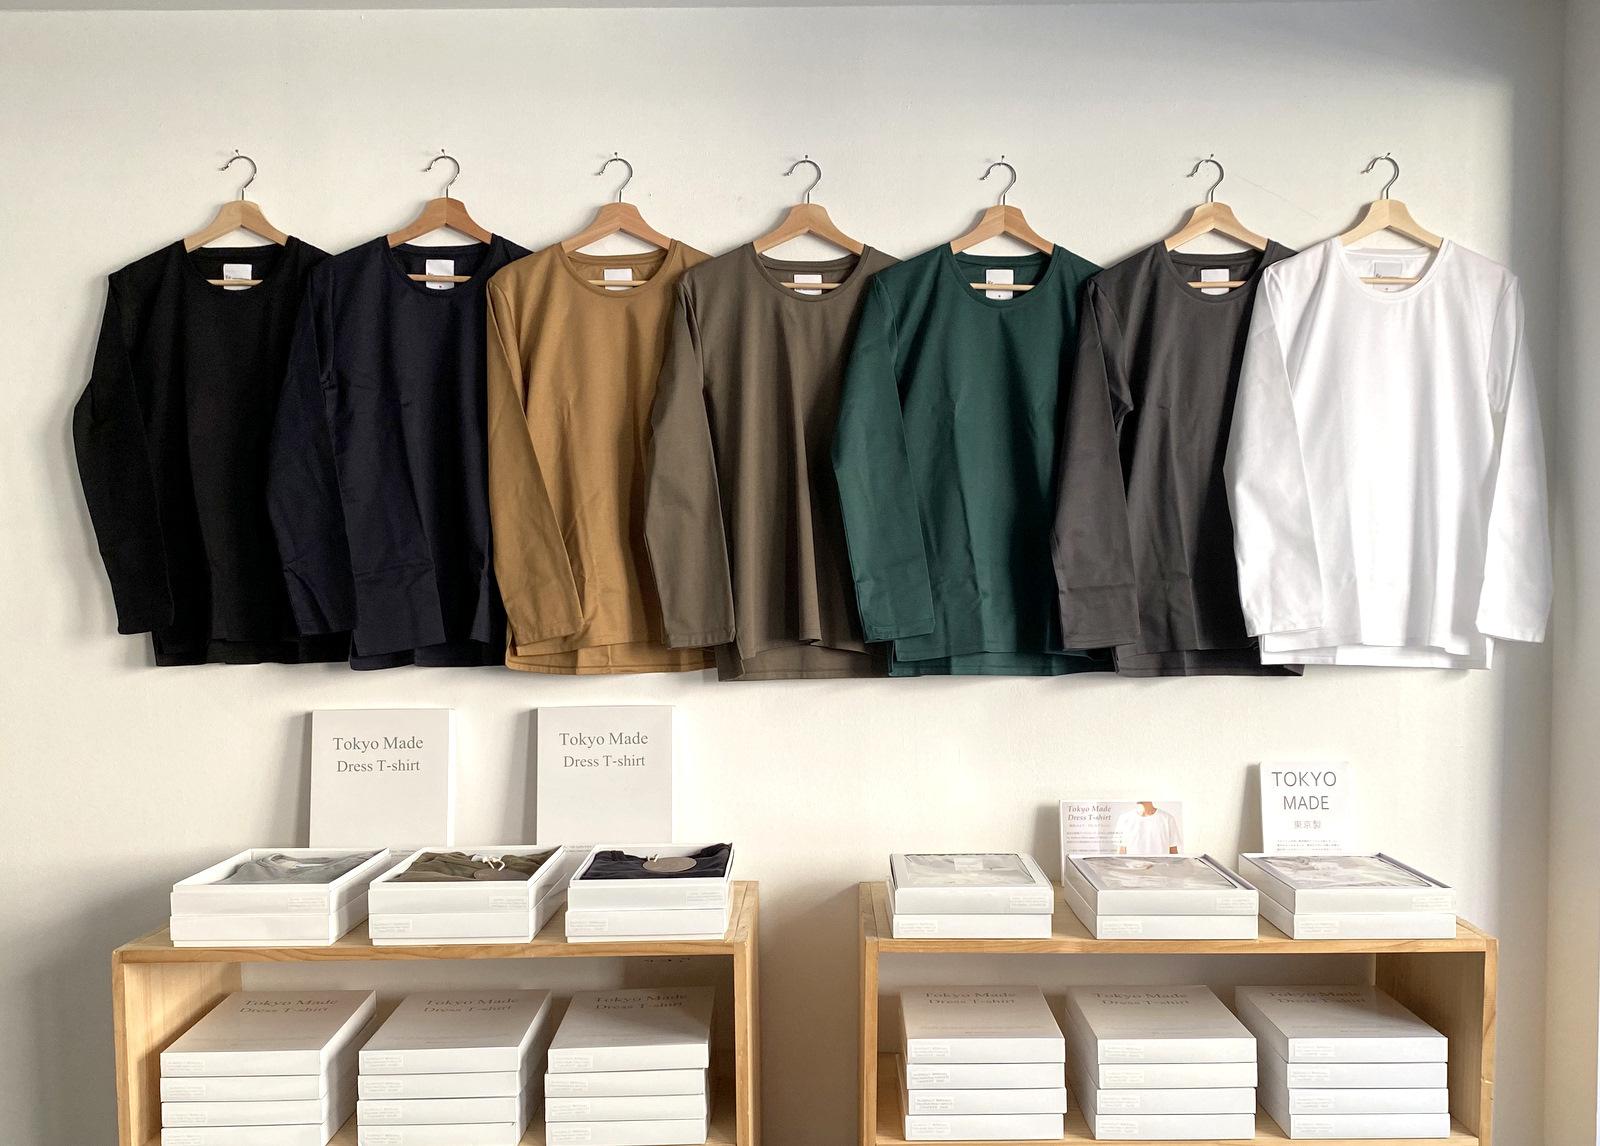 Tokyo Made Dress T-shirt (Long Sleeve)_c0379477_13274440.jpg